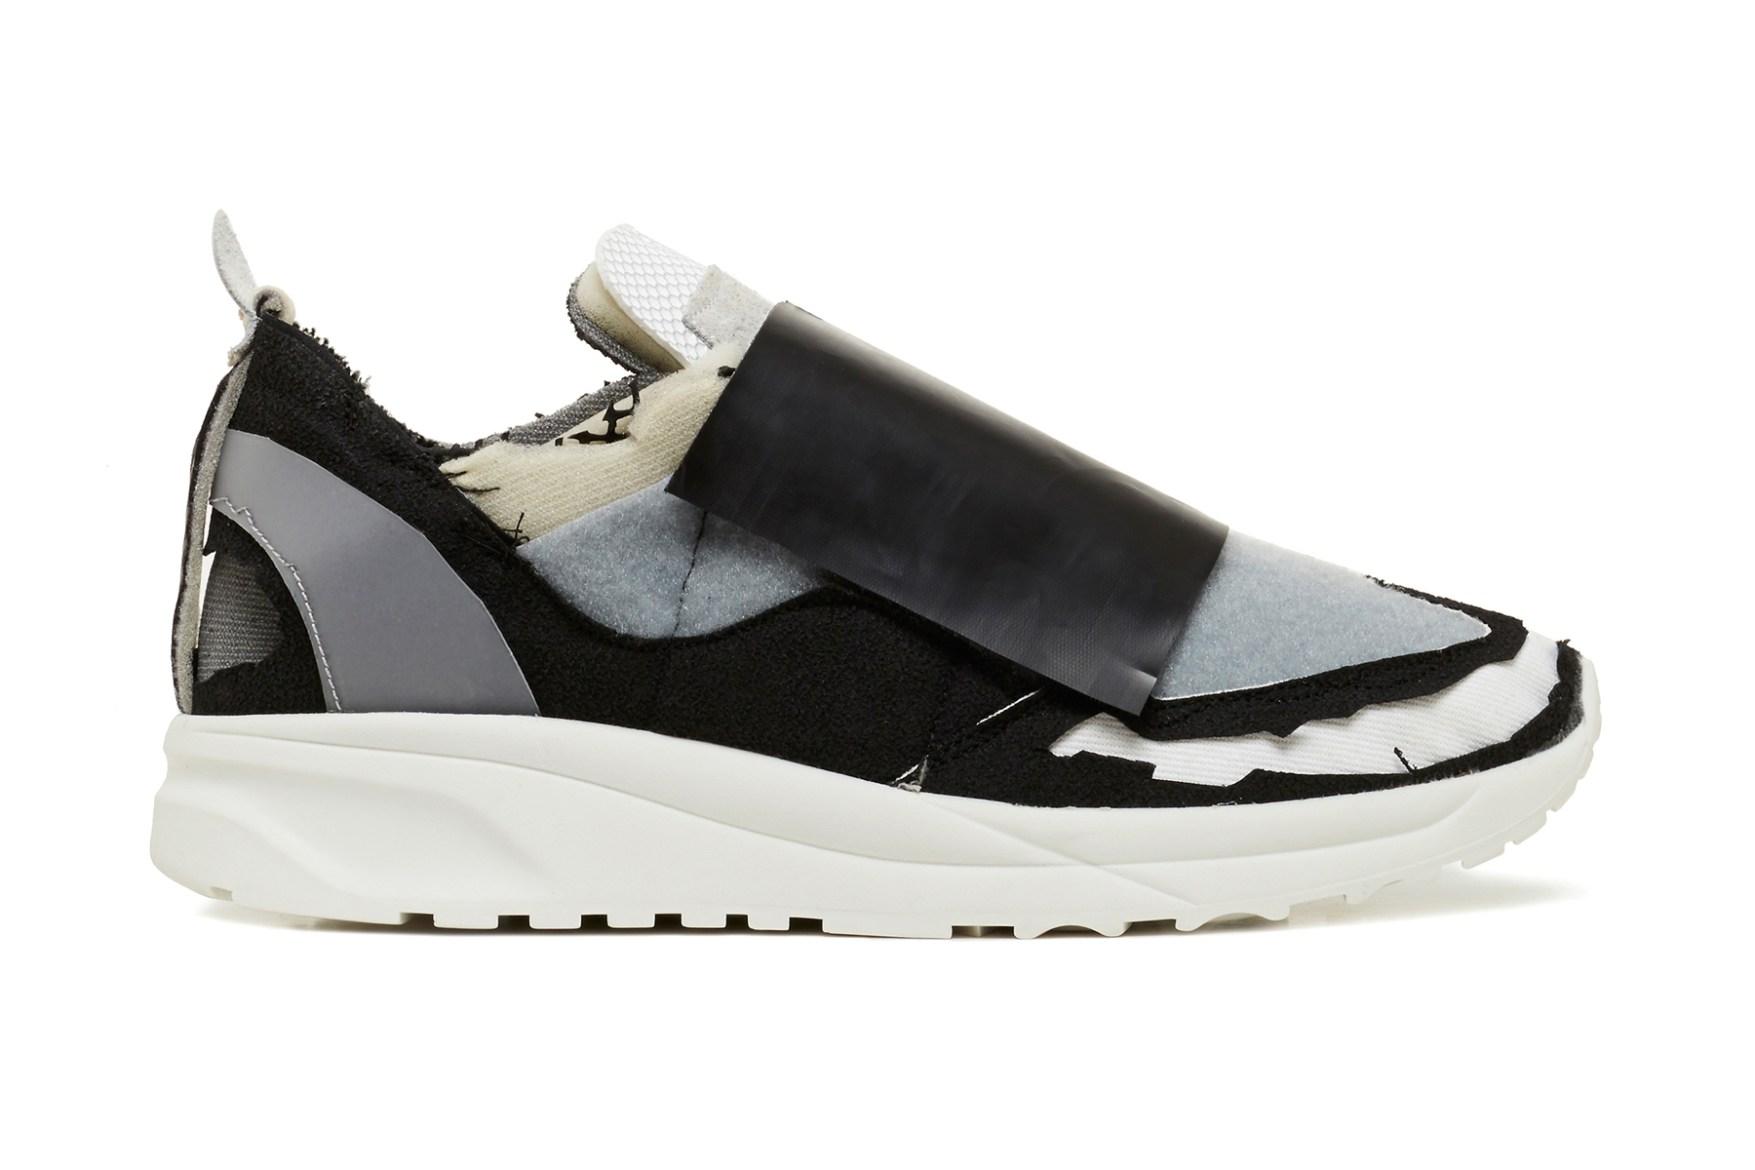 maison martin margiela 2015 spring summer sneaker preview. Black Bedroom Furniture Sets. Home Design Ideas